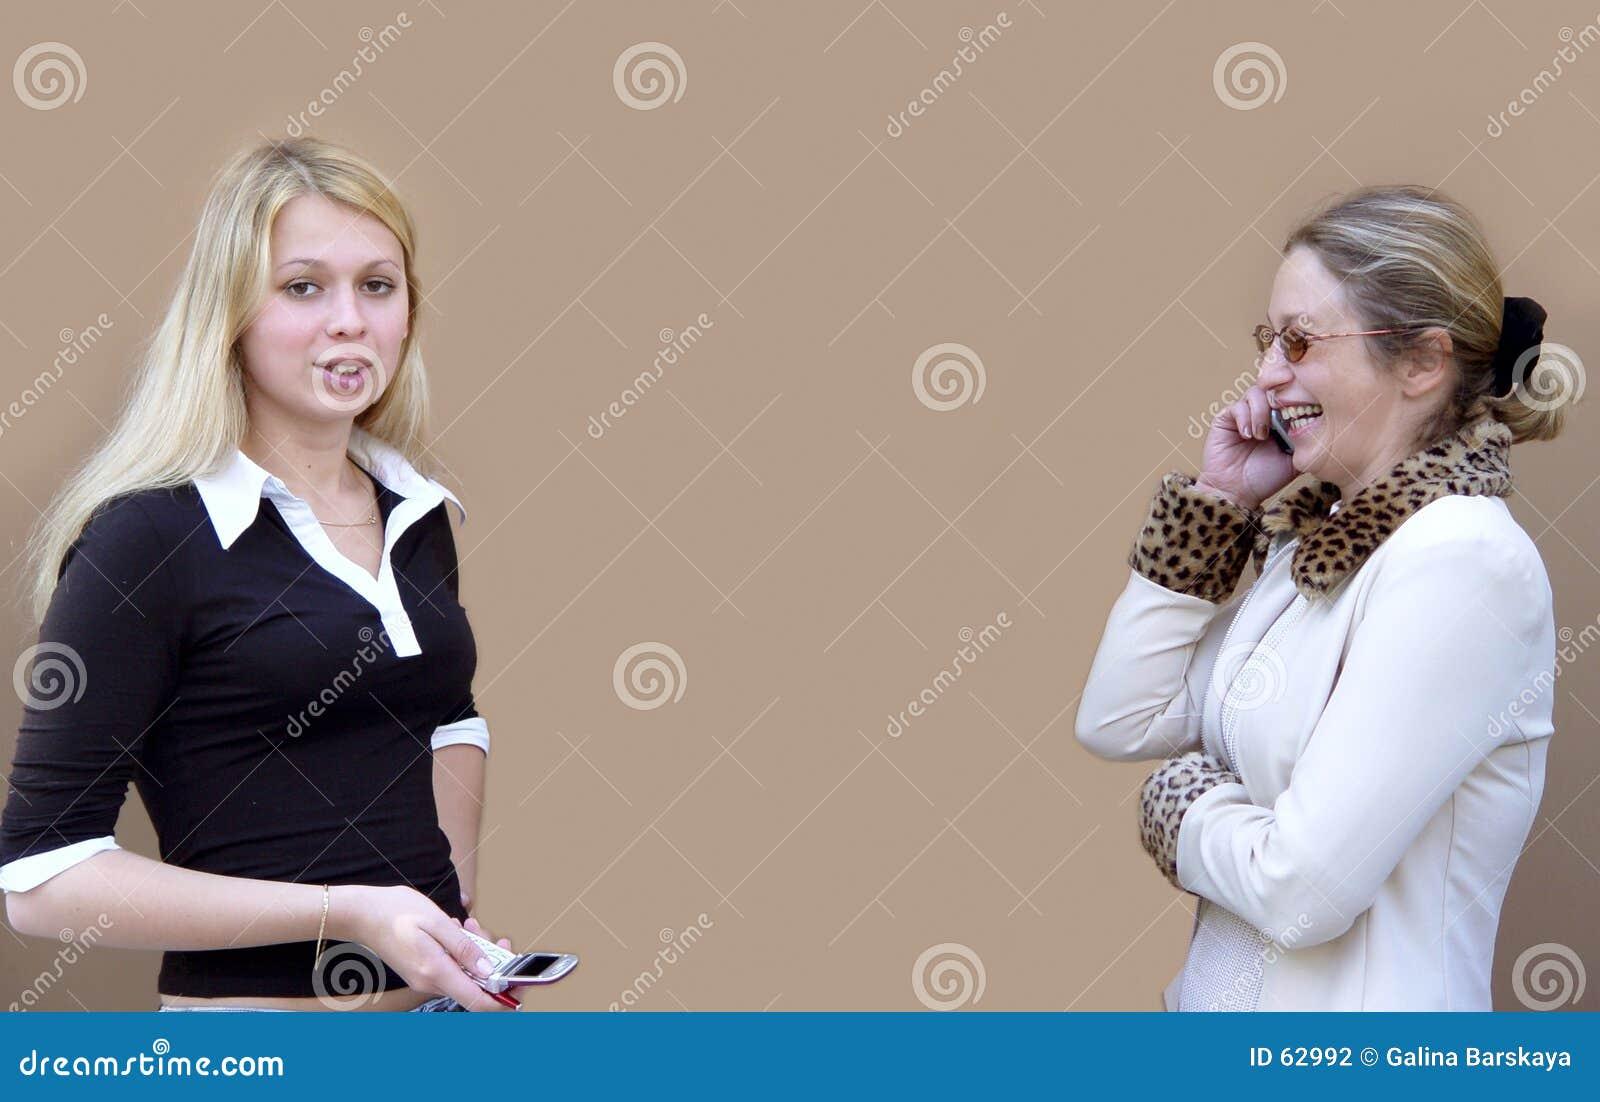 2 vrouwen met telefoons